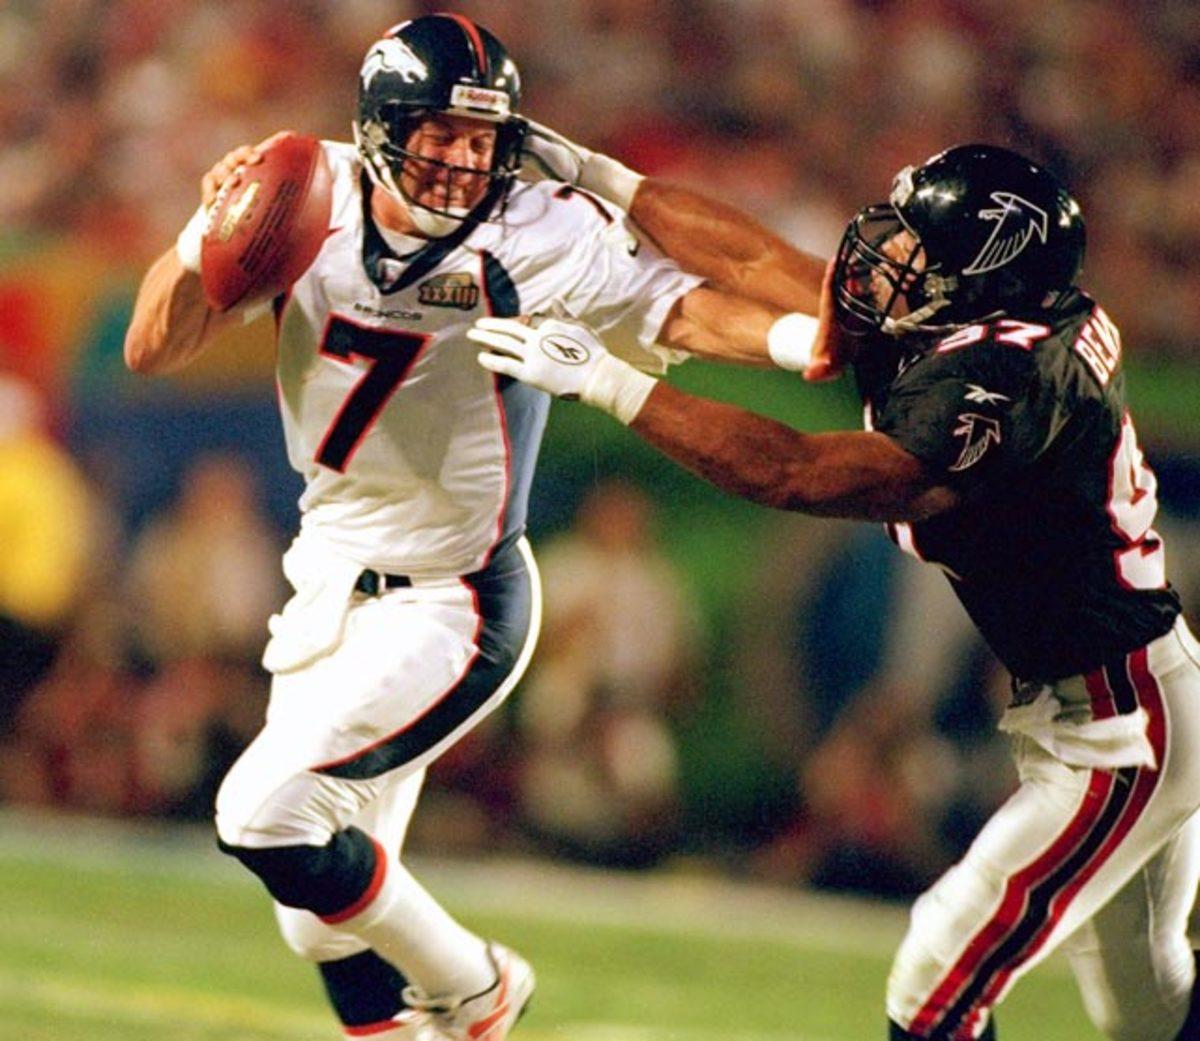 Super Bowl XXXIII, Jan. 31, 1999